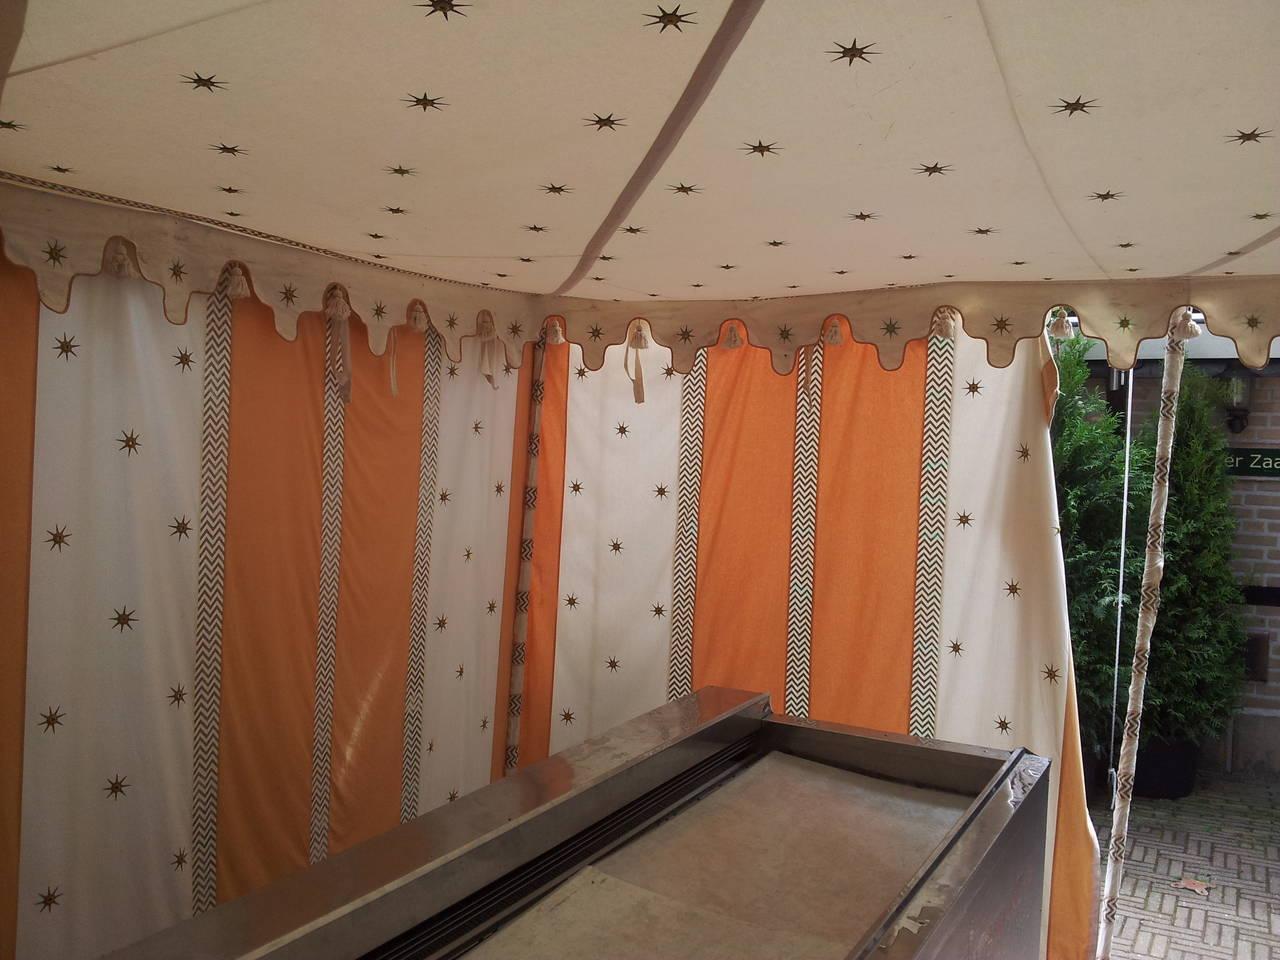 Verkauf orientalischer Zelte, verkauf zelte aus Indien